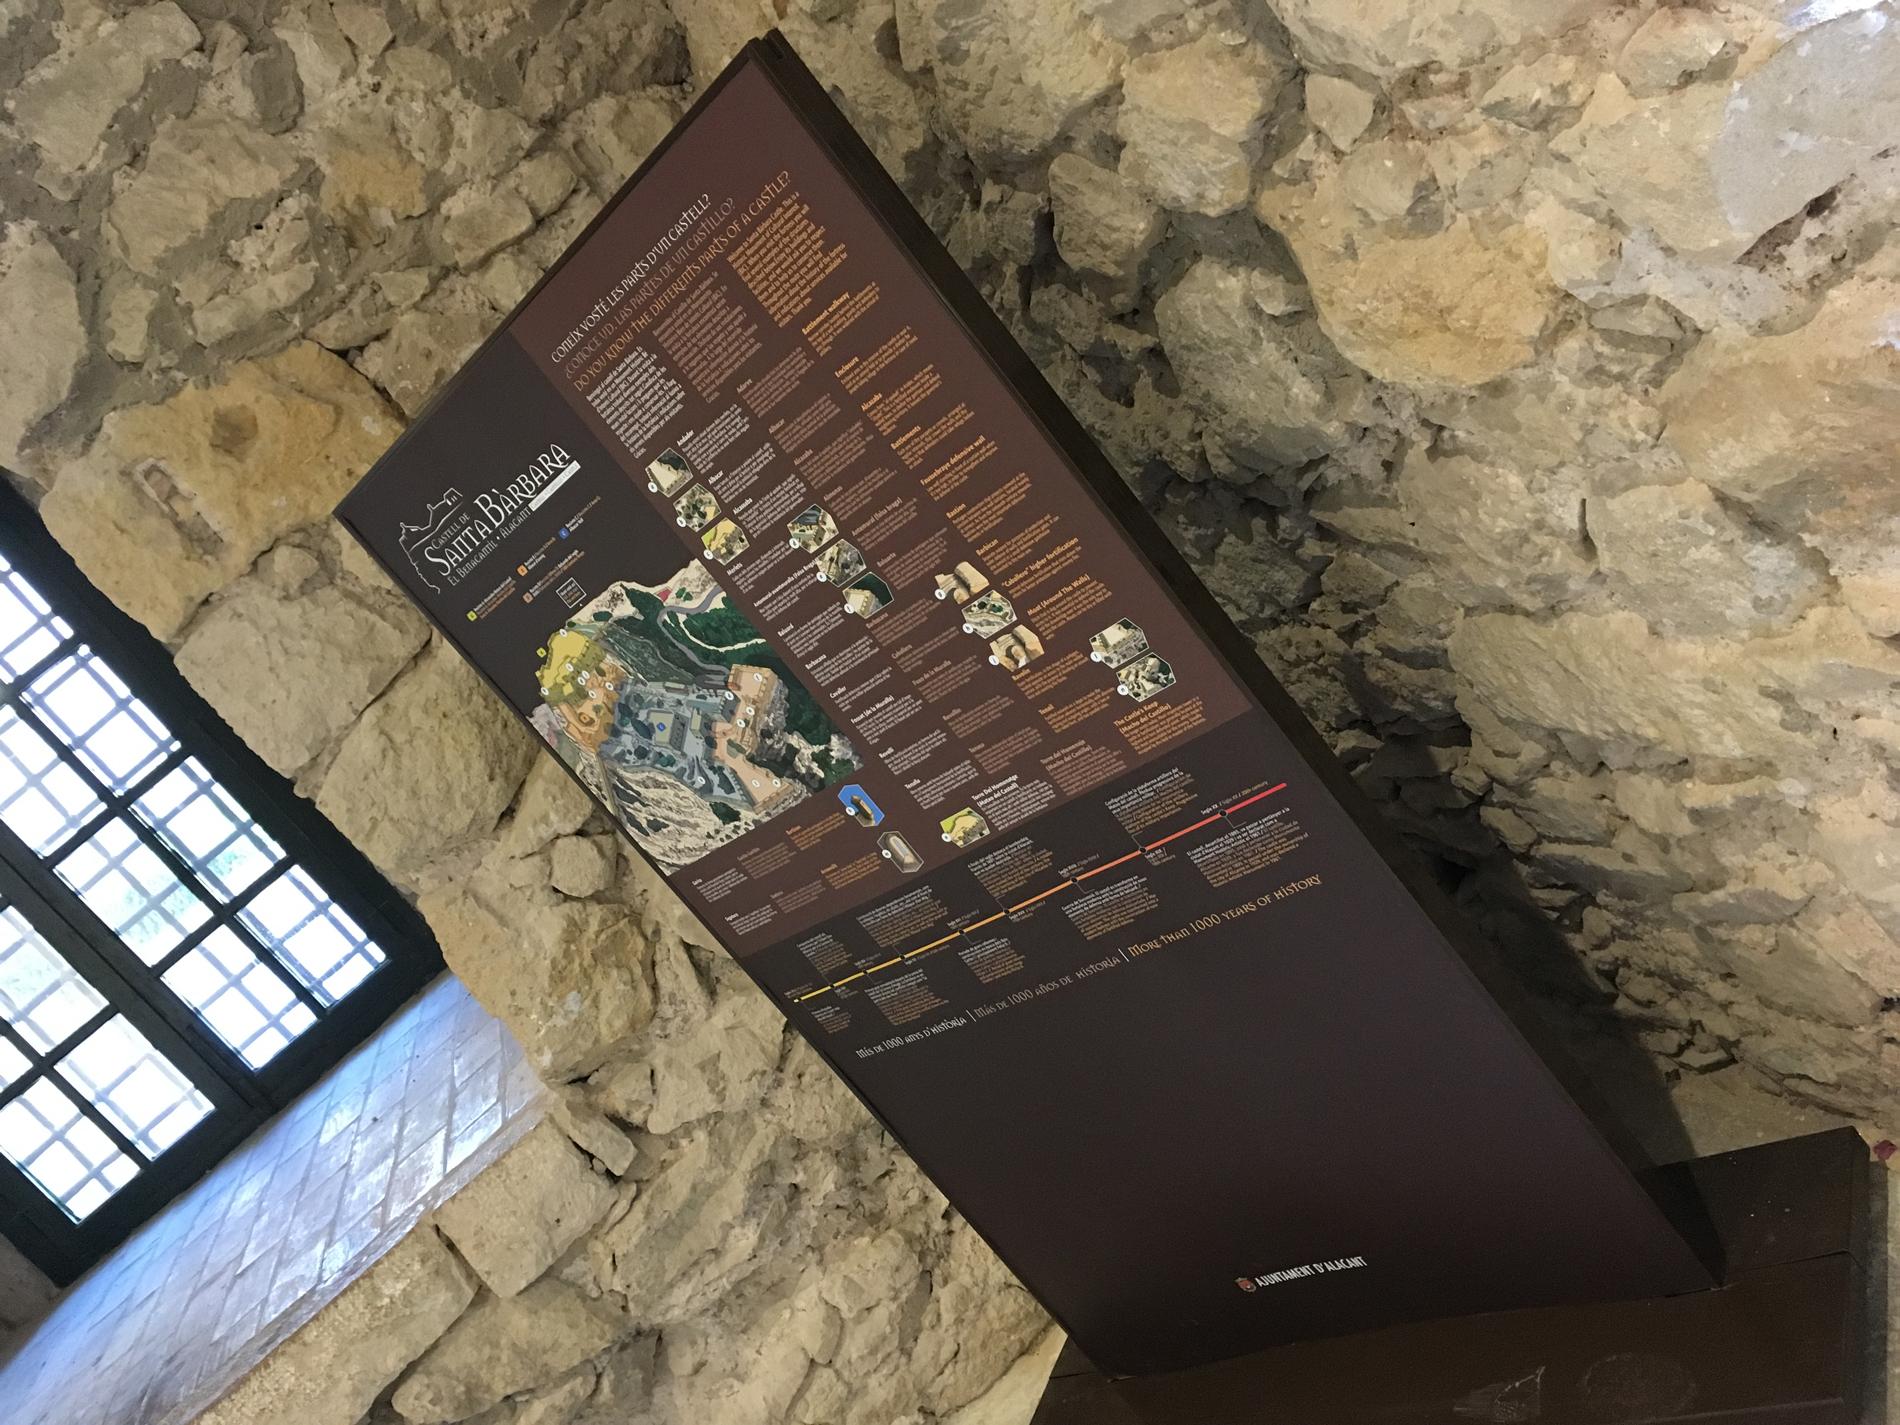 Glosario de términos de un Castillo